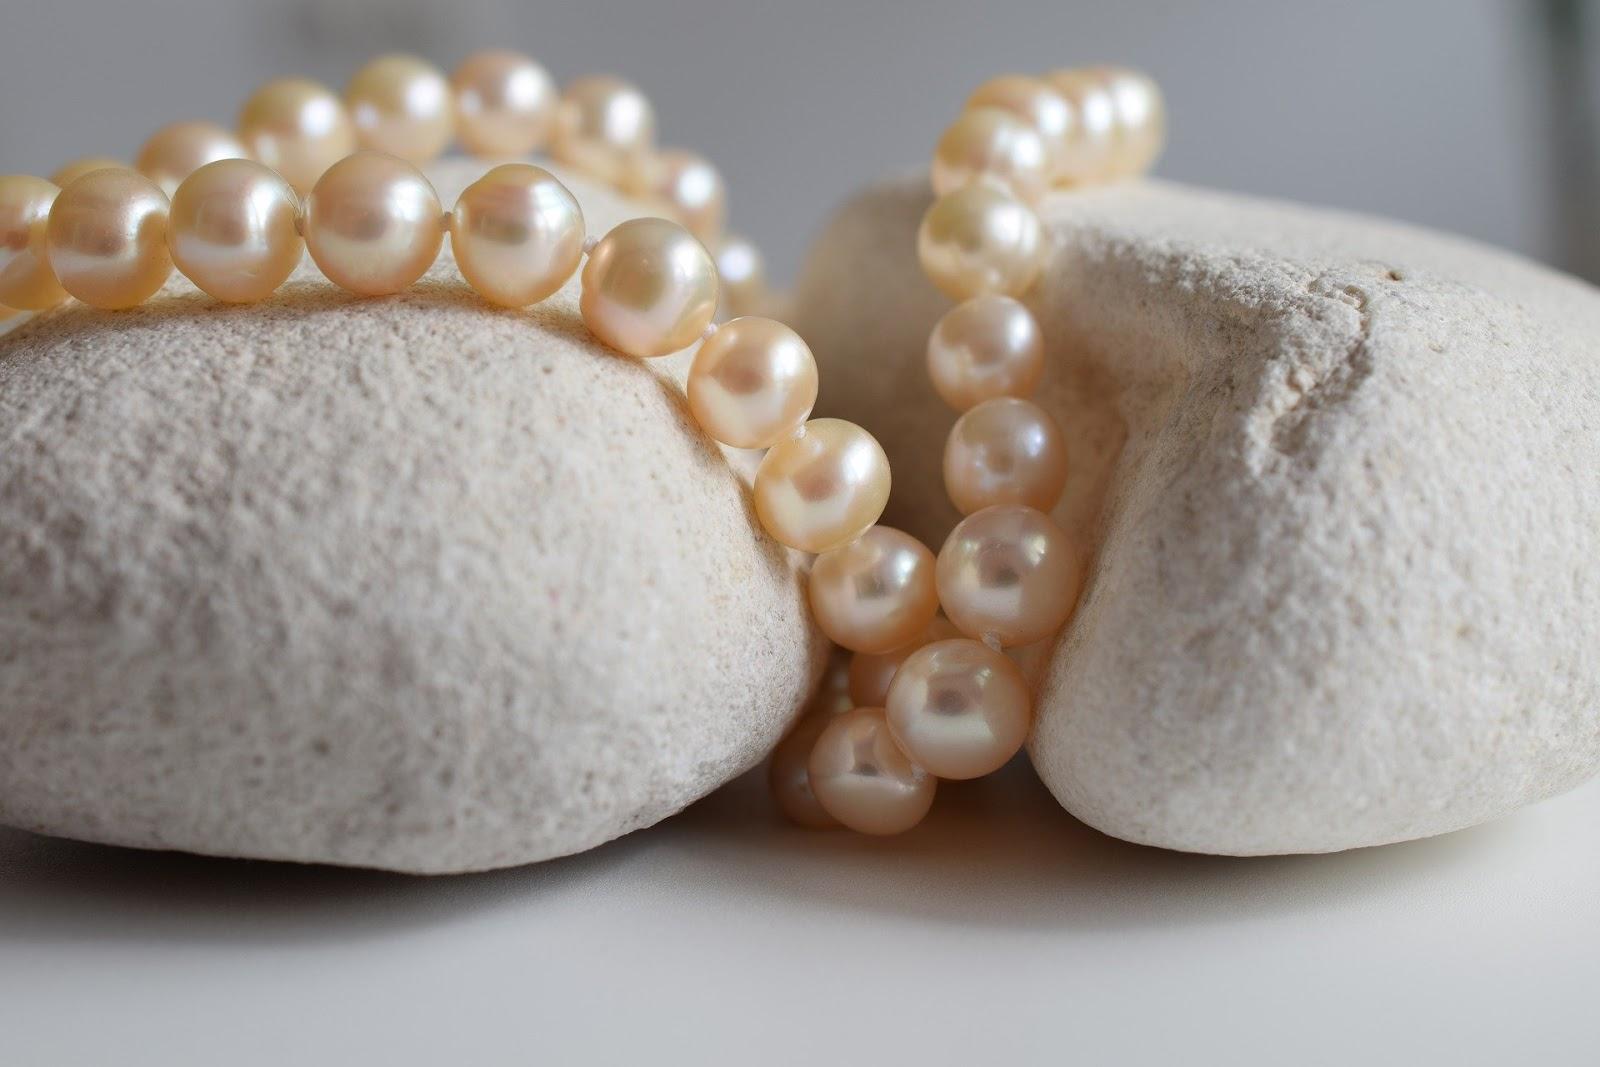 камни для Близнецов: минералы, приносящие удачу женщинам и мужчинам Близнецам жемчуг